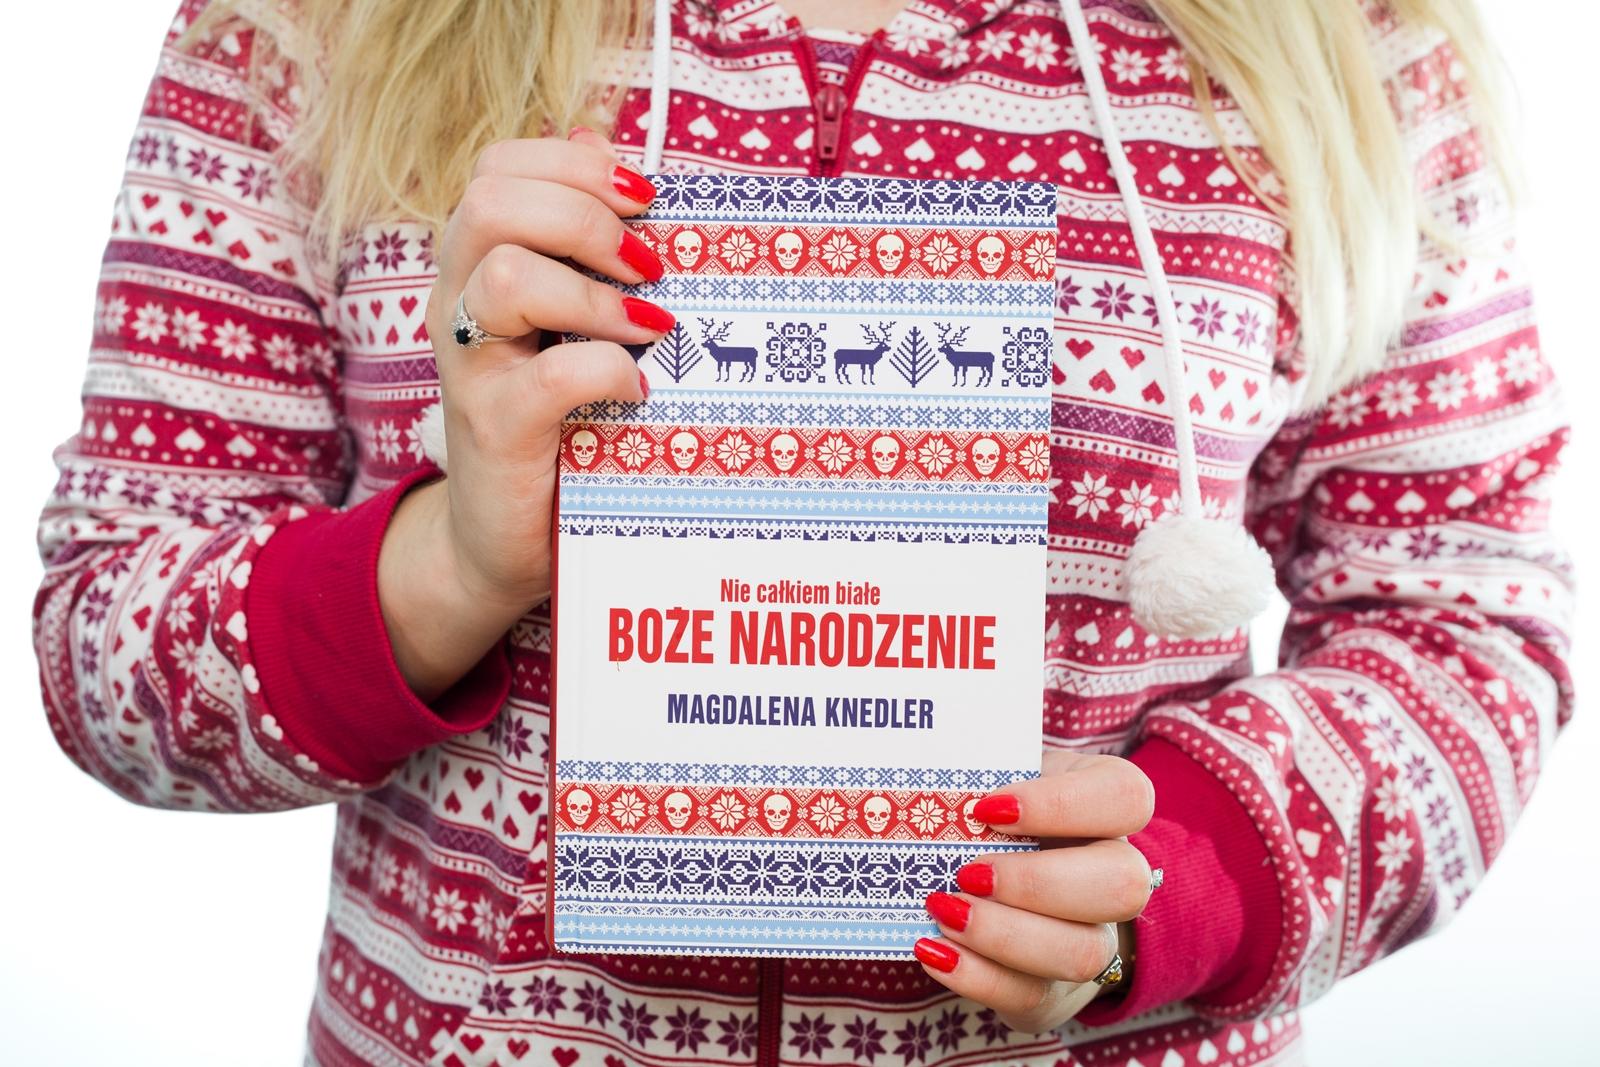 6 100 pomysłów co robić w grudniu co robić w święta jak spędzić święta z rodziną ze znajomymi jak nie nudzić się w święta zimą aktywności pomysły na zimowe grudniowe wieczory co przygotować jak do bożego narodzenia